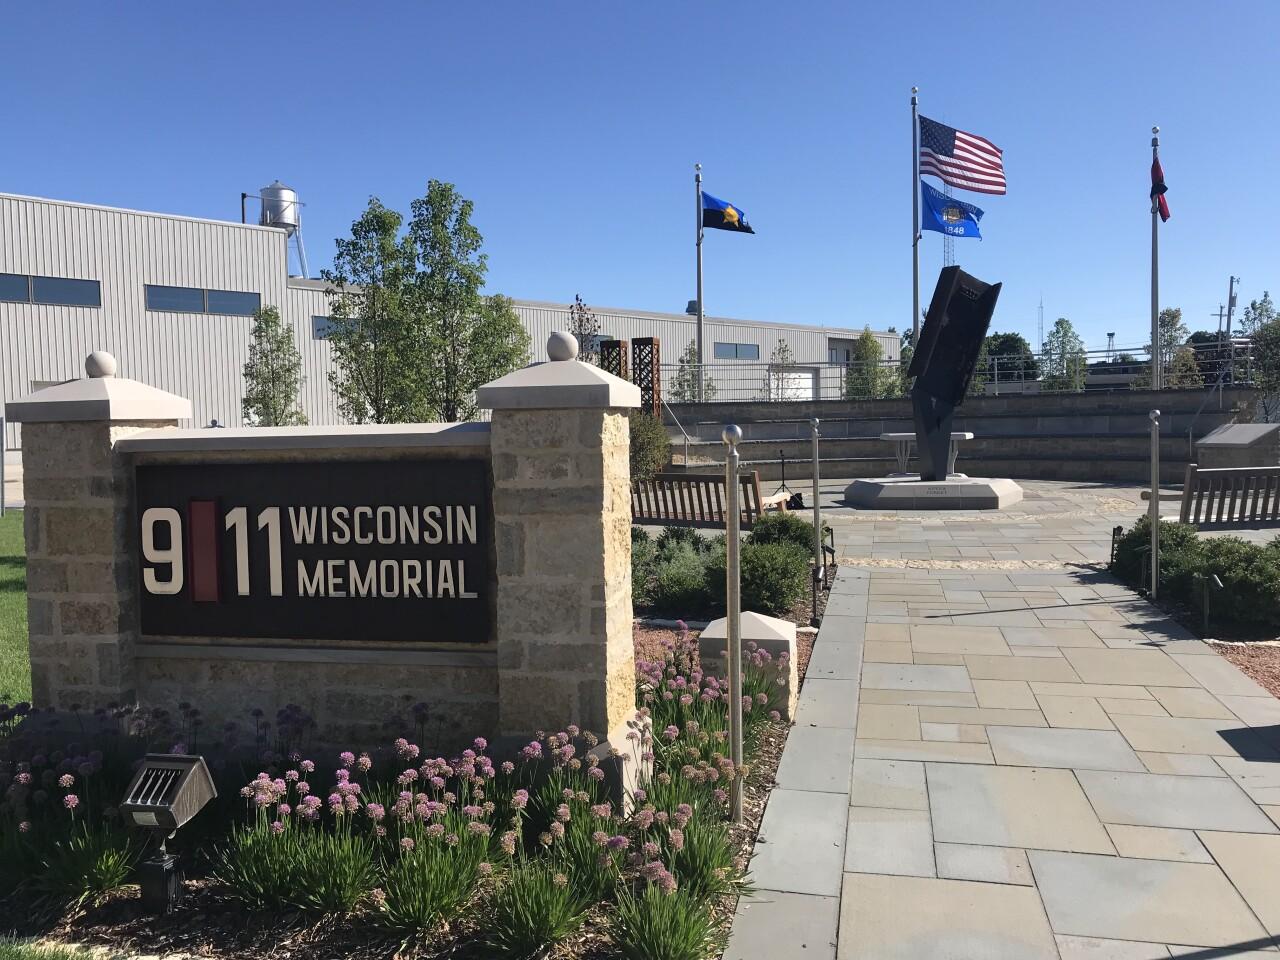 Wisconsin's 9/11 Memorial in Kewaskum